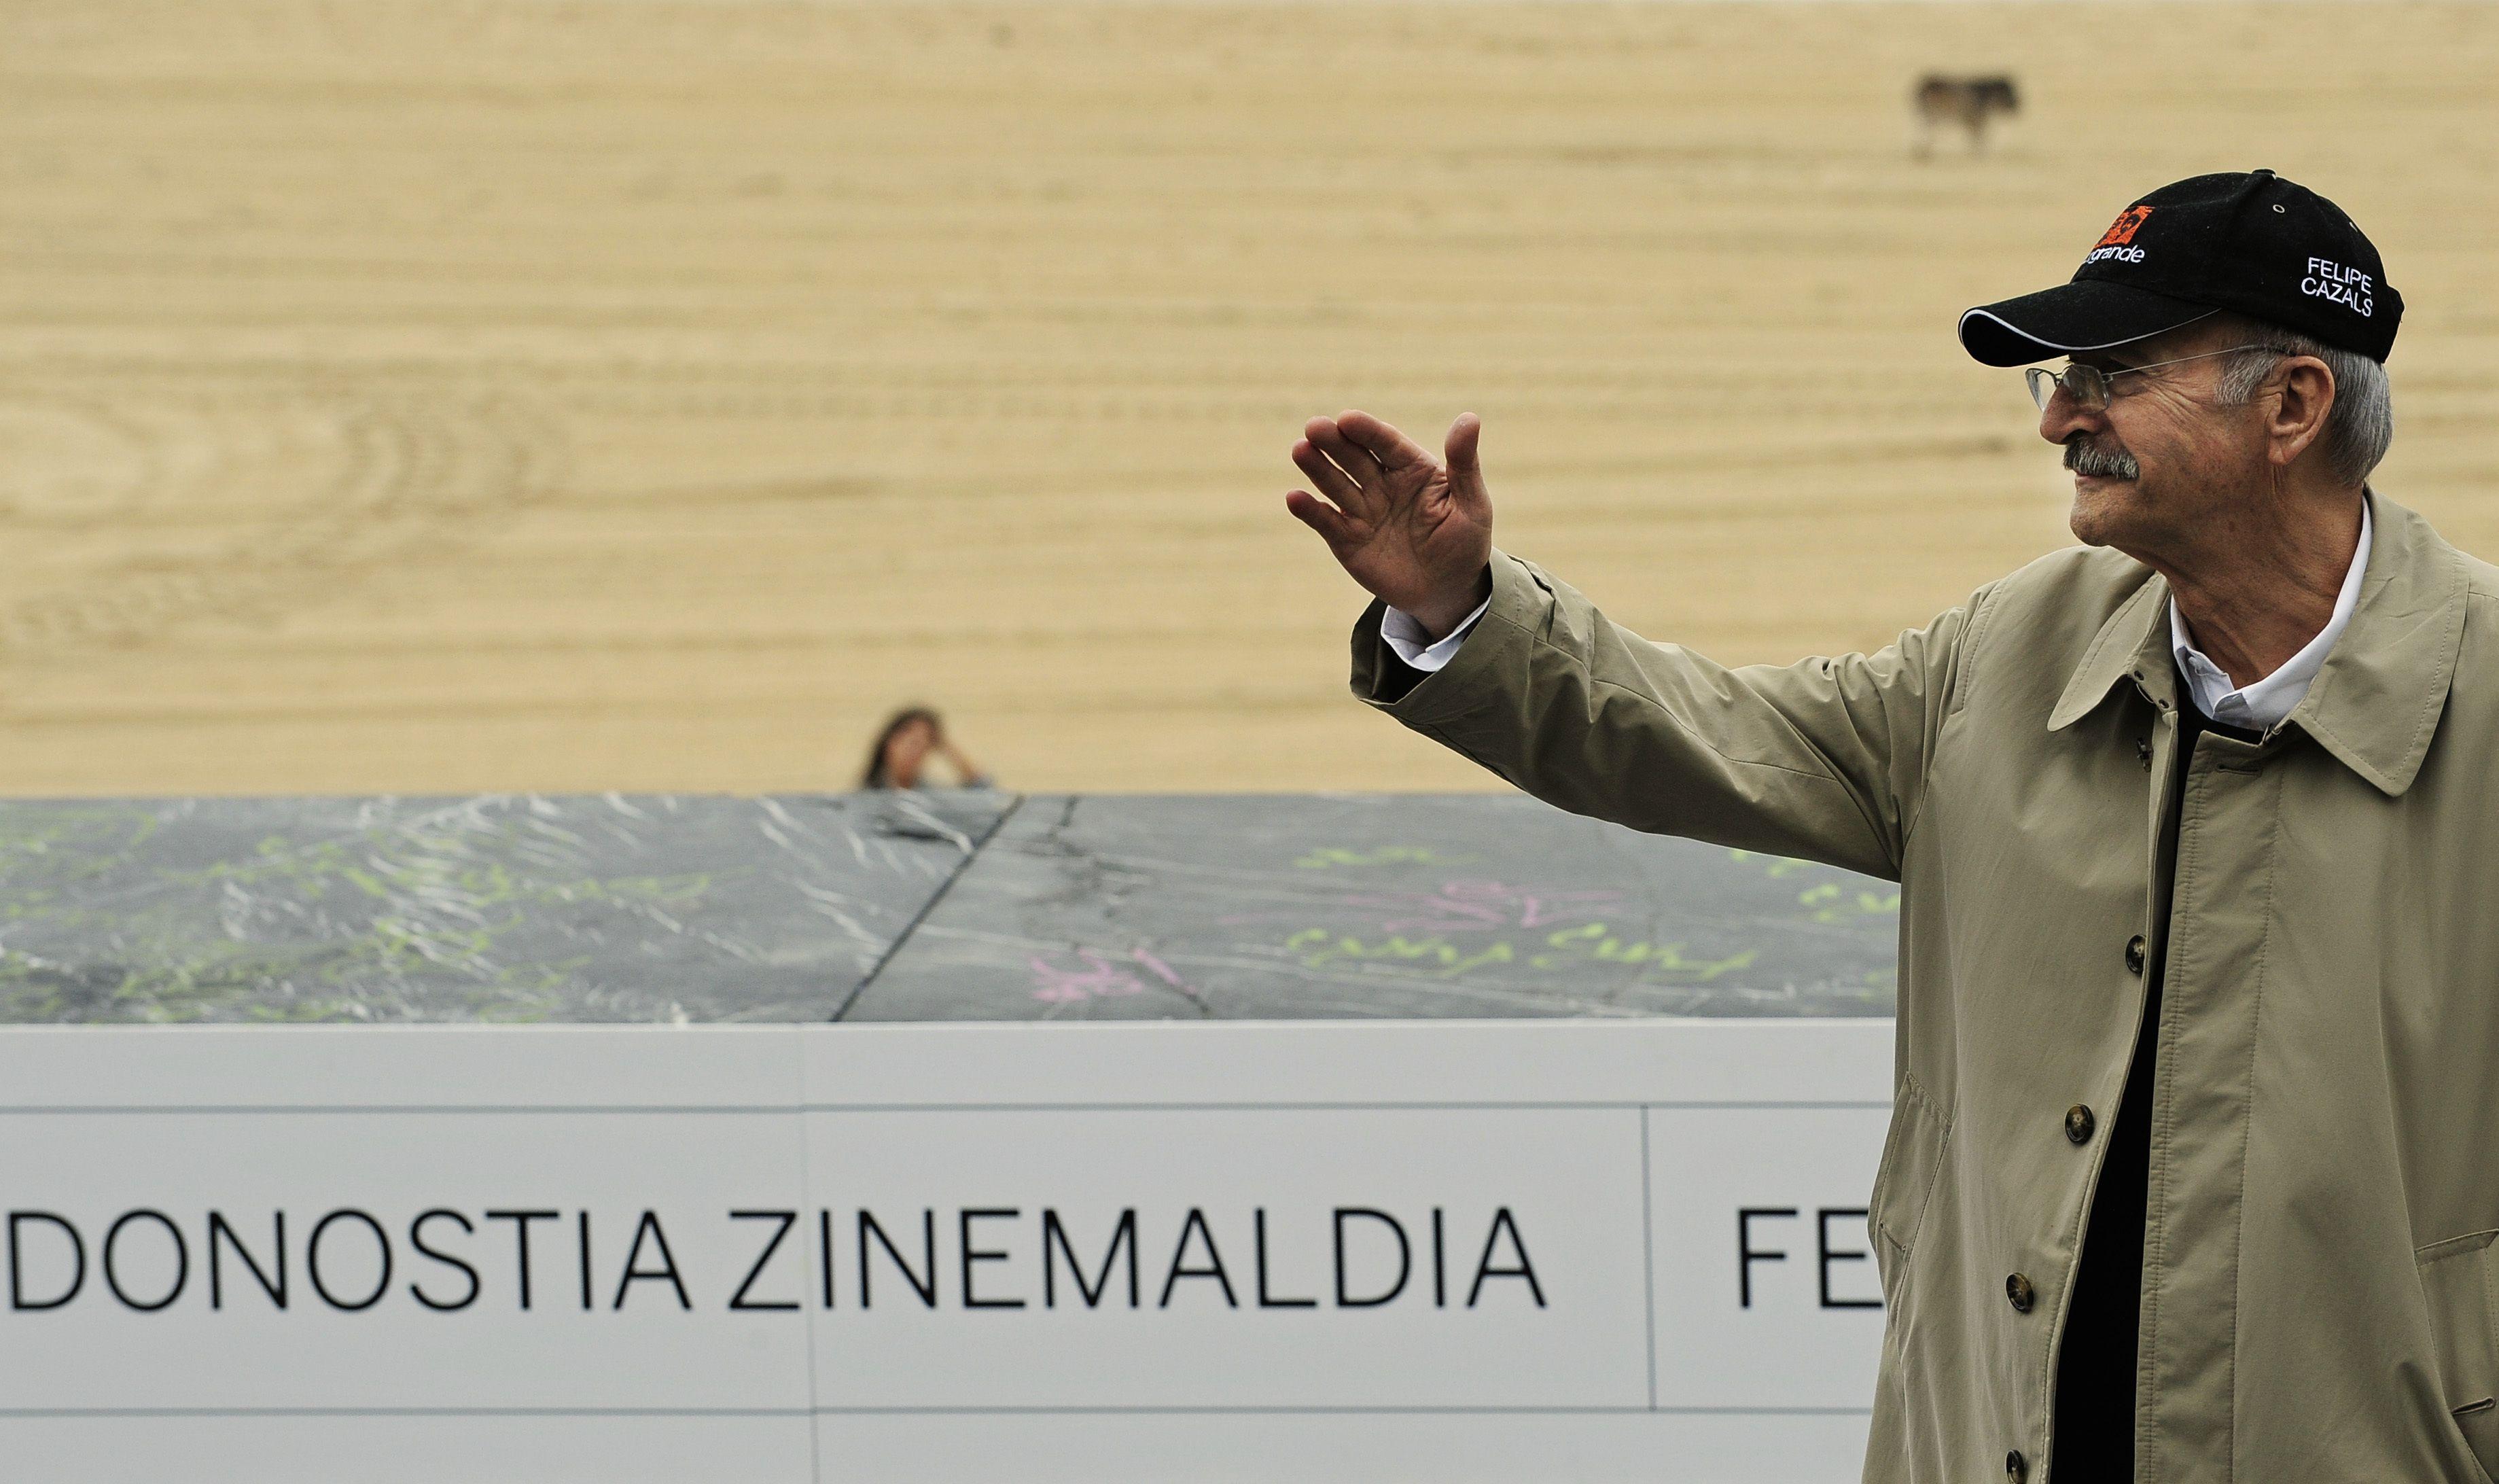 """El director mexicano Felipe Cazals saluda al posar para promover la película """"Chico Grande"""" en la 58 edición del Festival de Cine de San Sebastián, en San Sebastián, España el 17 de septiembre de 2010. El cineasta falleció el 16 de octubre de 2021 en México."""